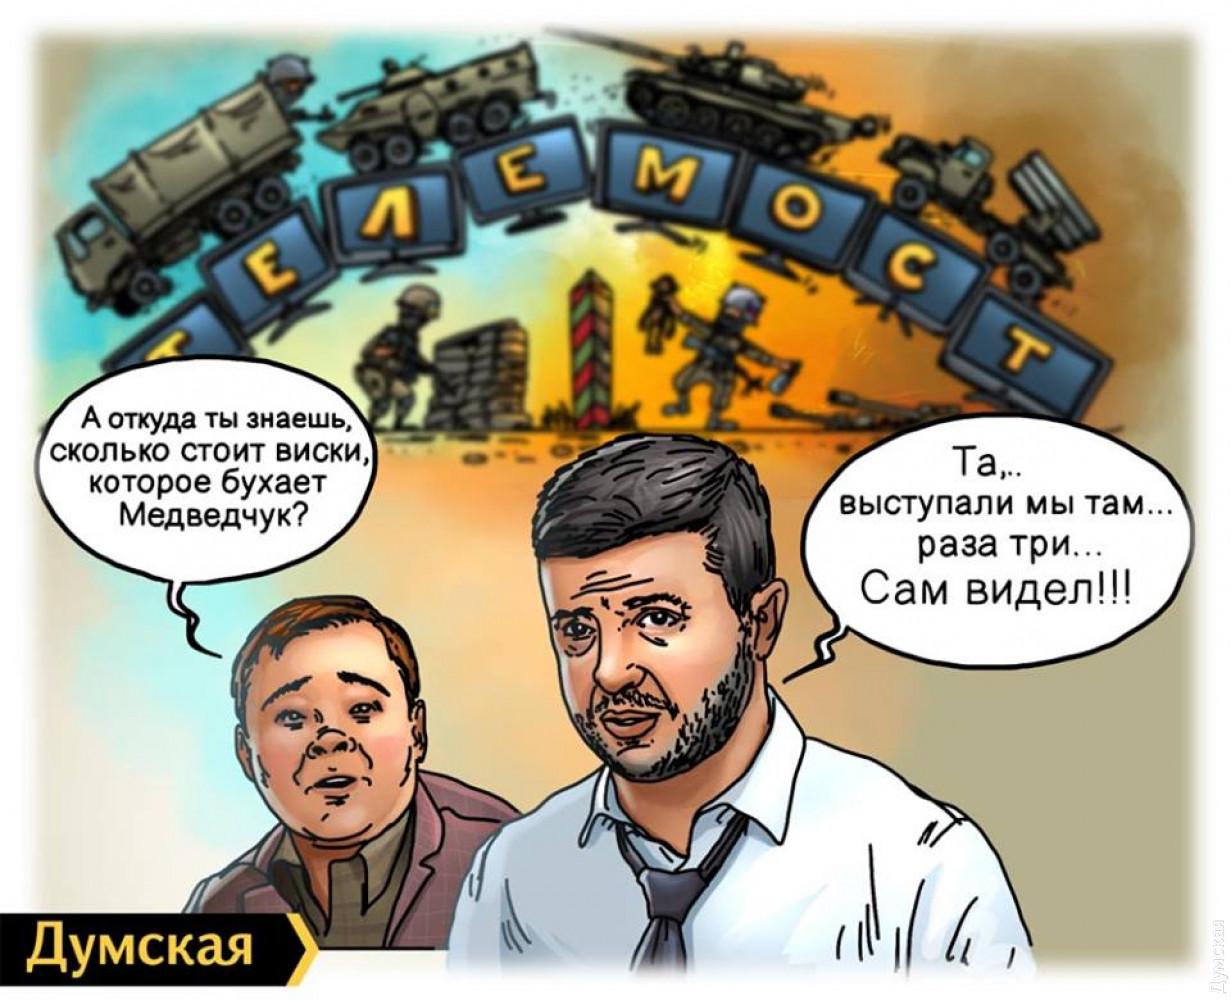 """""""Телеміст - Путіну під хвіст"""", - націоналісти провели під каналом NewsOne акцію проти телевізійного діалогу з Москвою - Цензор.НЕТ 94"""